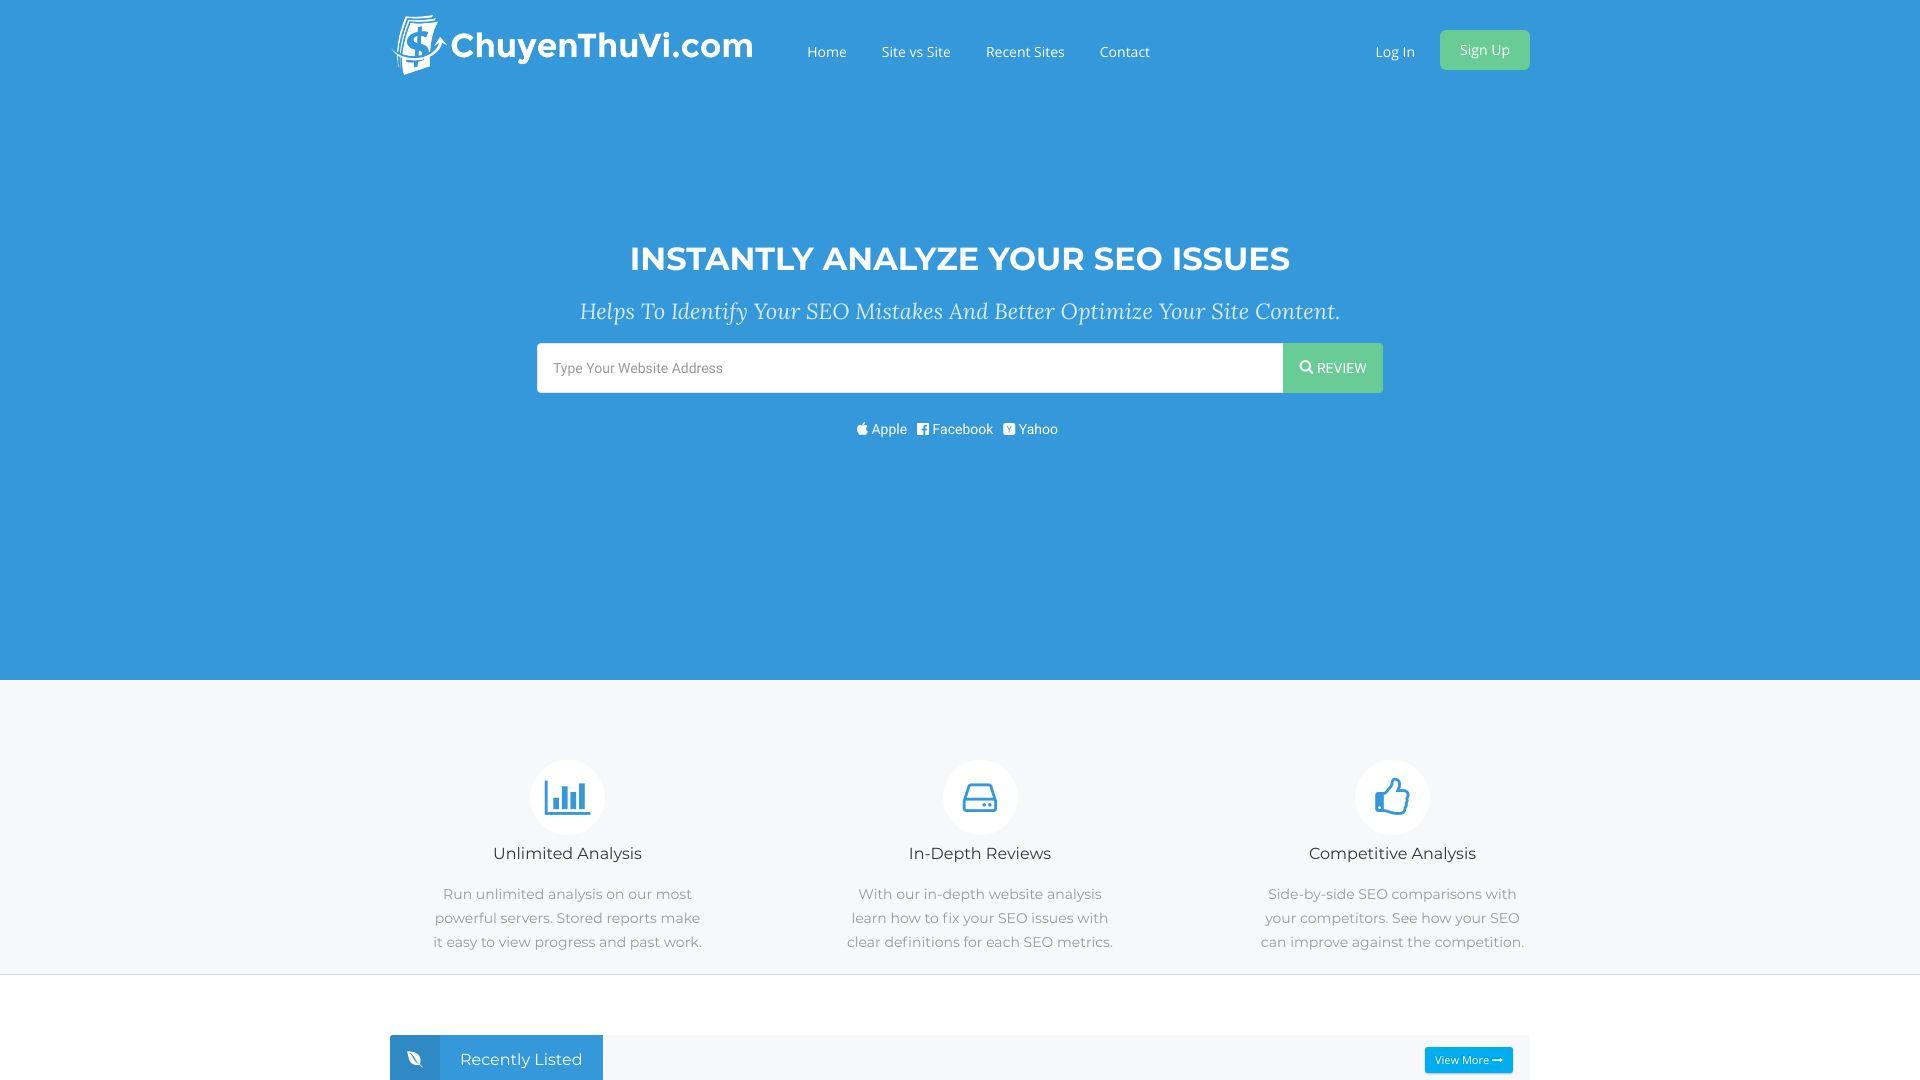 chuyenthuvi.com